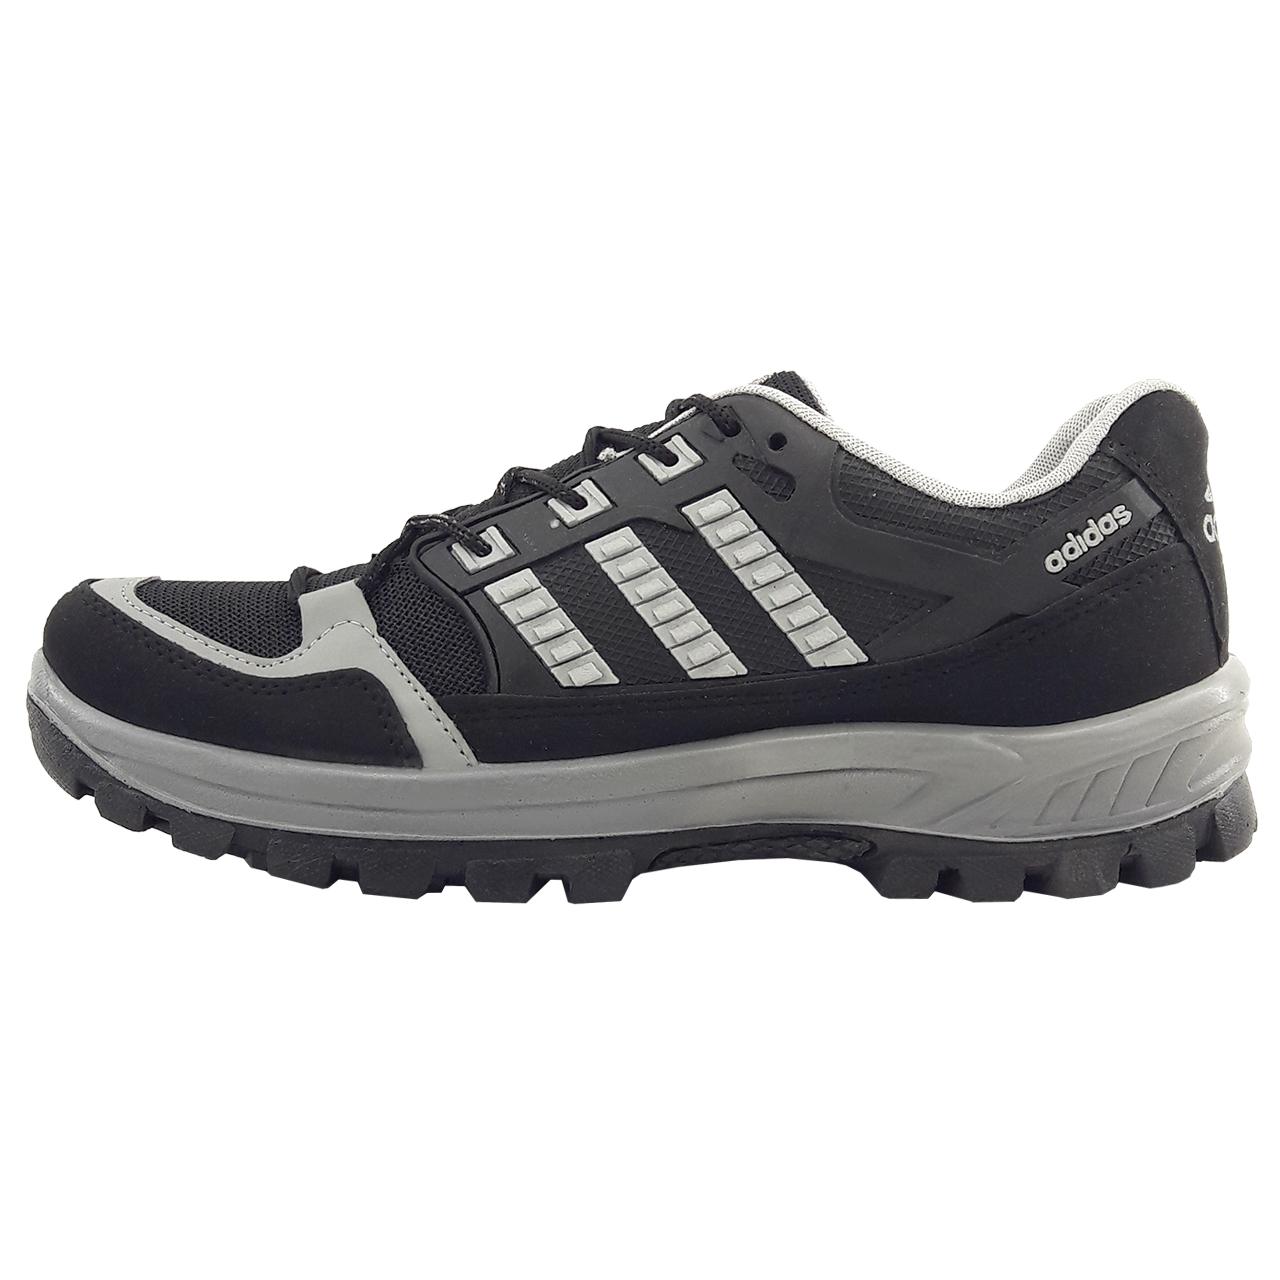 قیمت کفش کوهنوردی مردانه مدل Ad.tnd.3.bl.gry-01